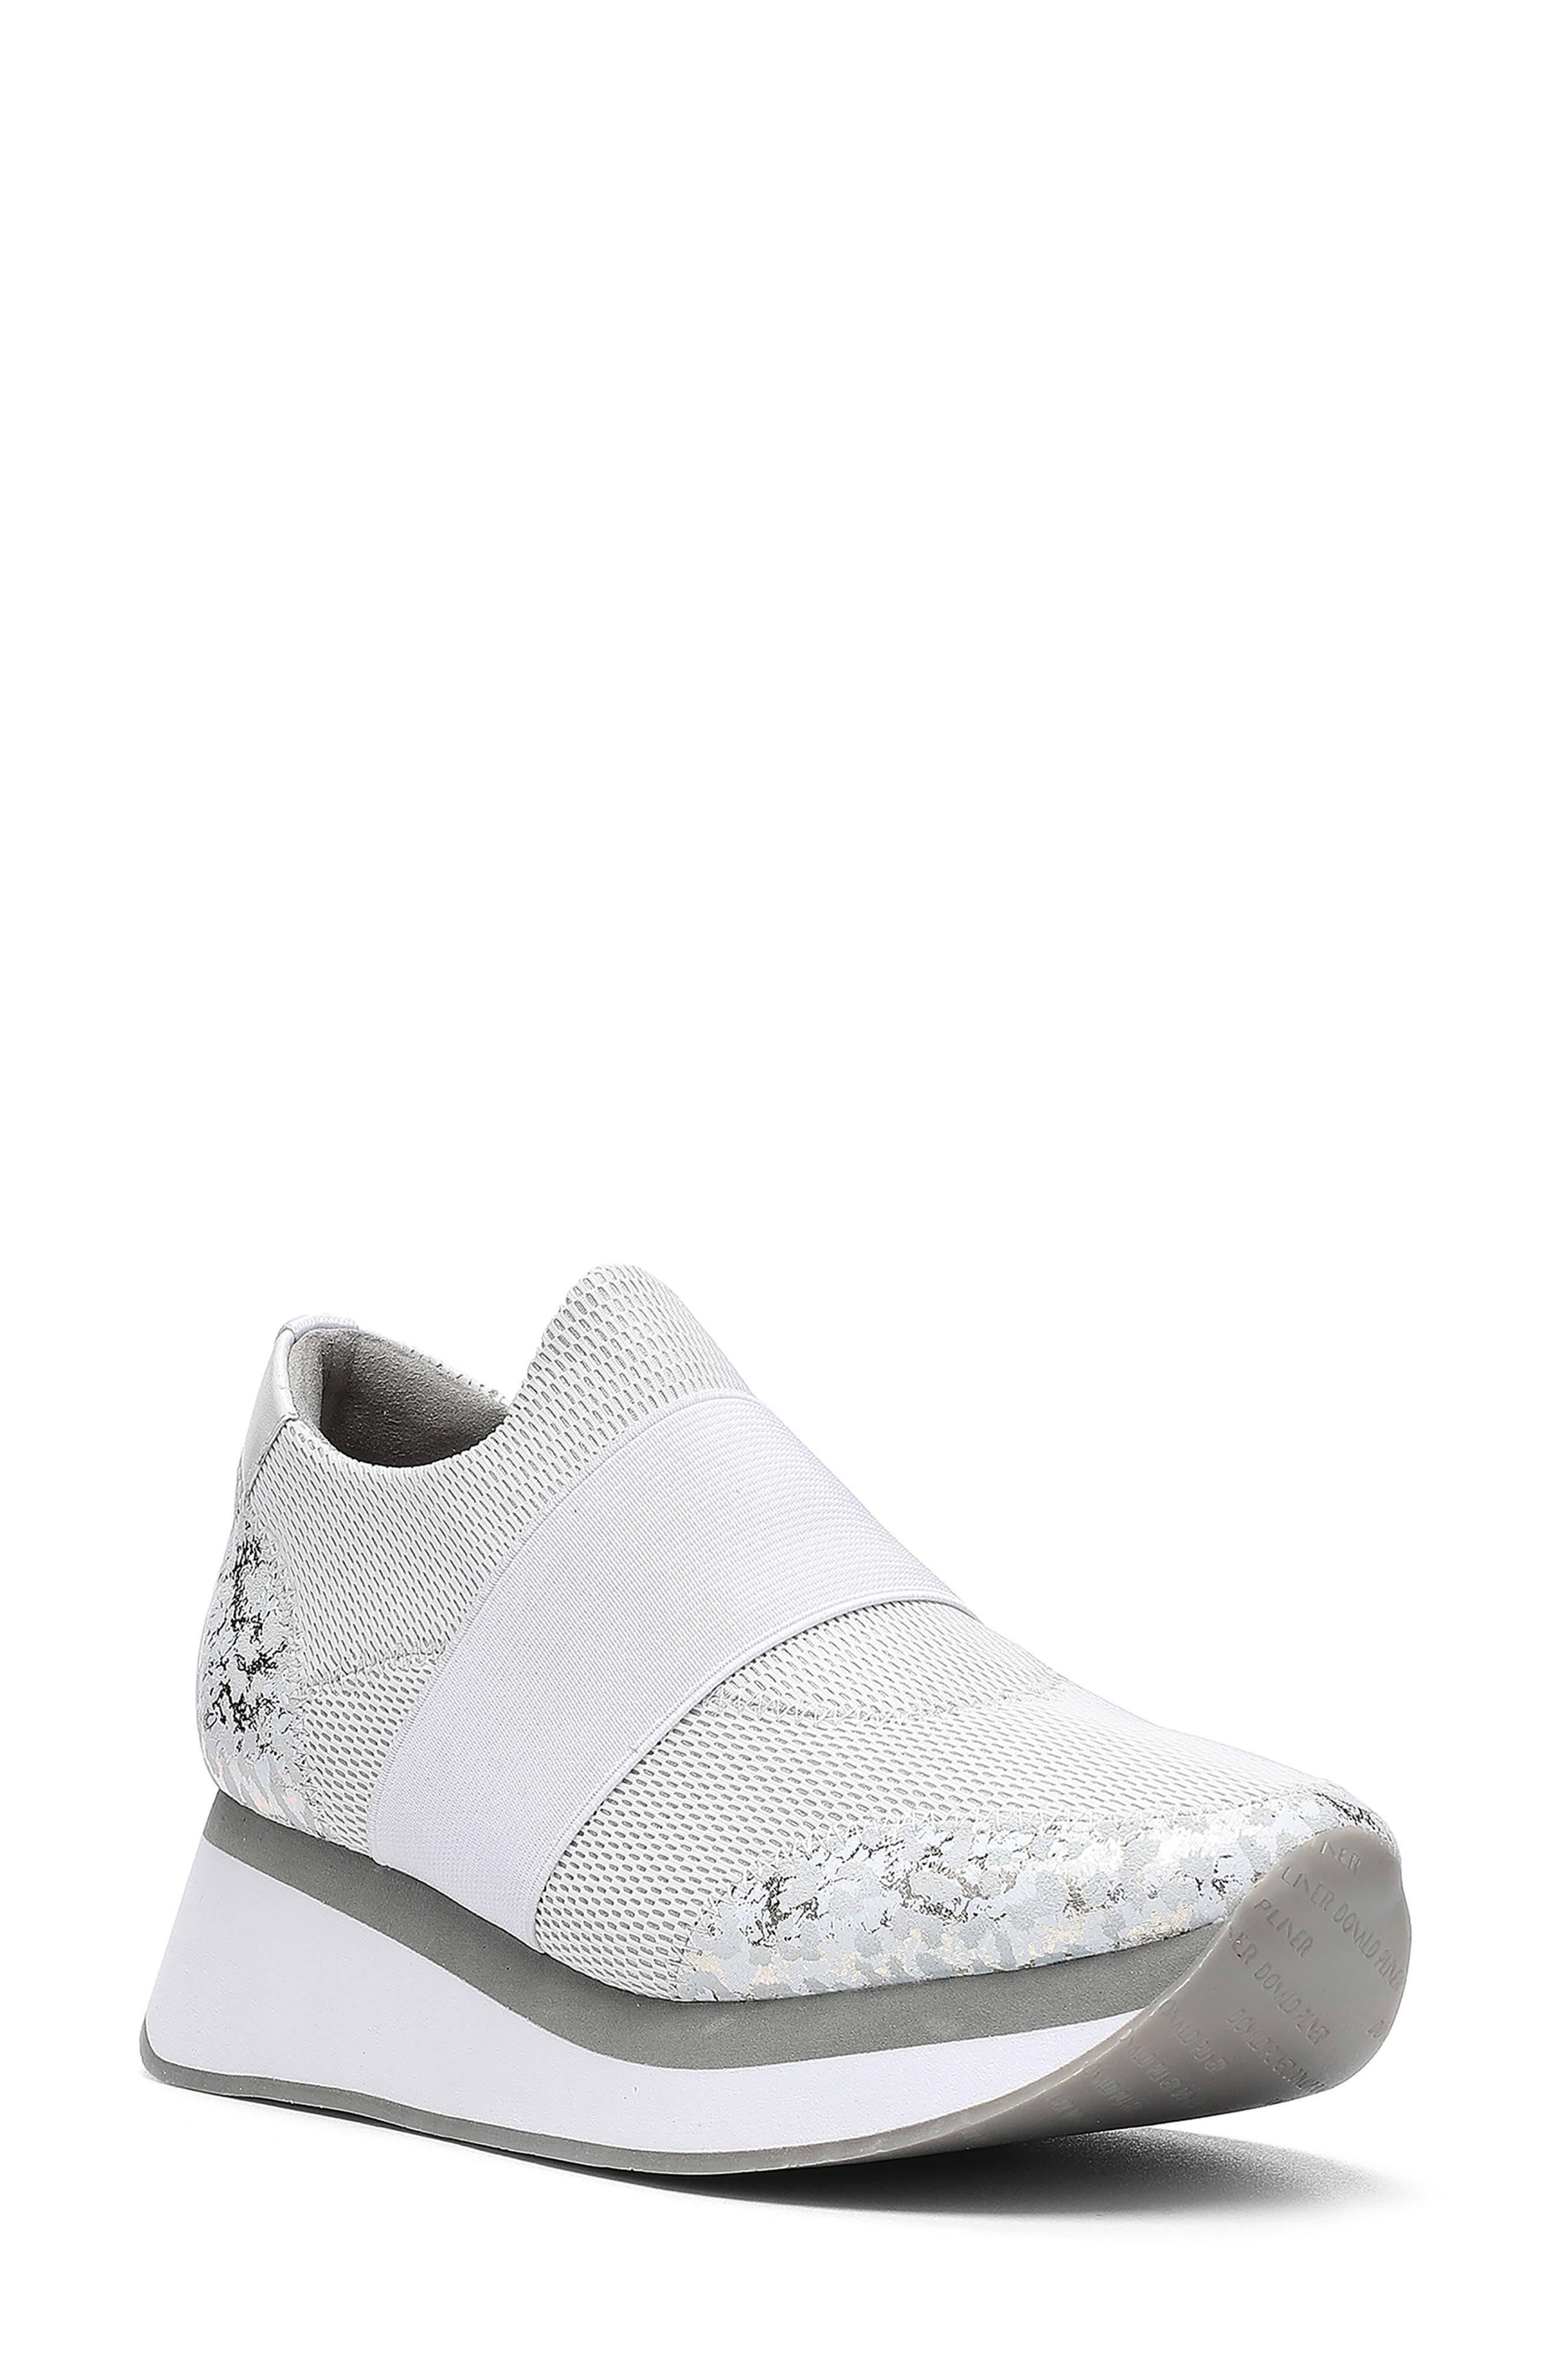 Pelham Wedge Slip-On Sneaker